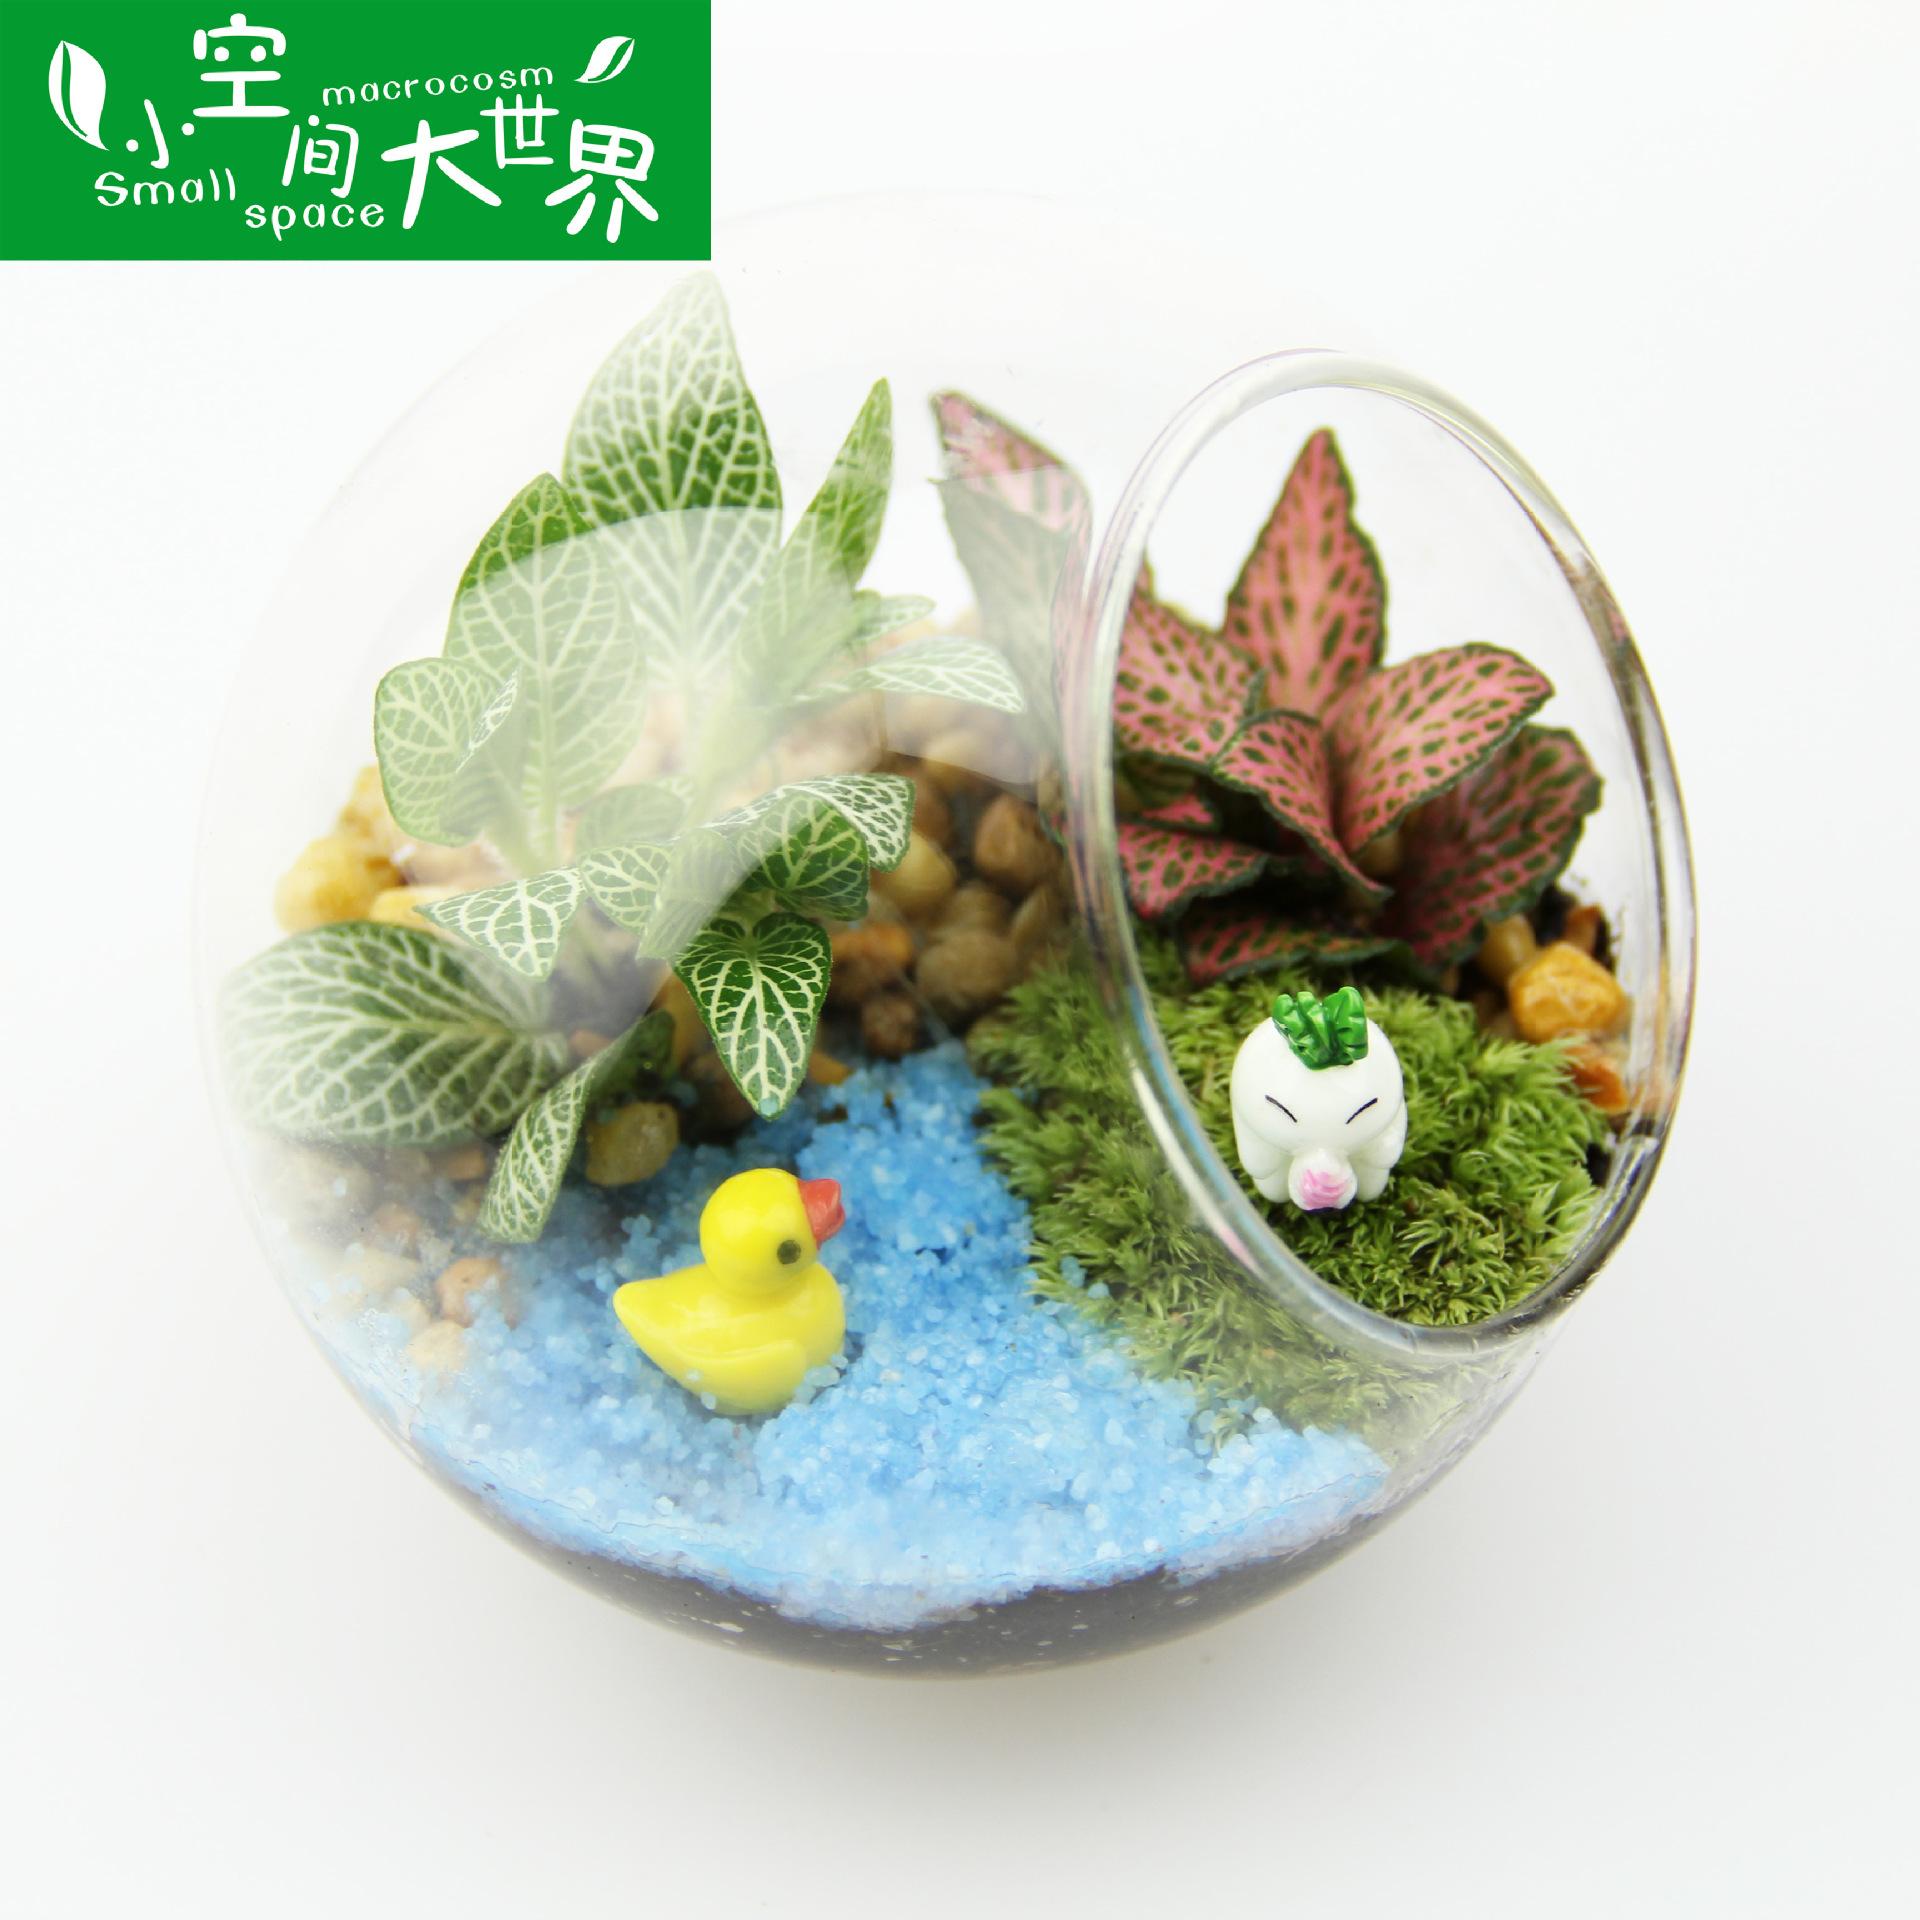 XKJDSJ Cảnh quan Mini Quà tặng sáng tạo Quà tặng rêu phong cảnh sinh thái chai thành phẩm Bộ chai xi